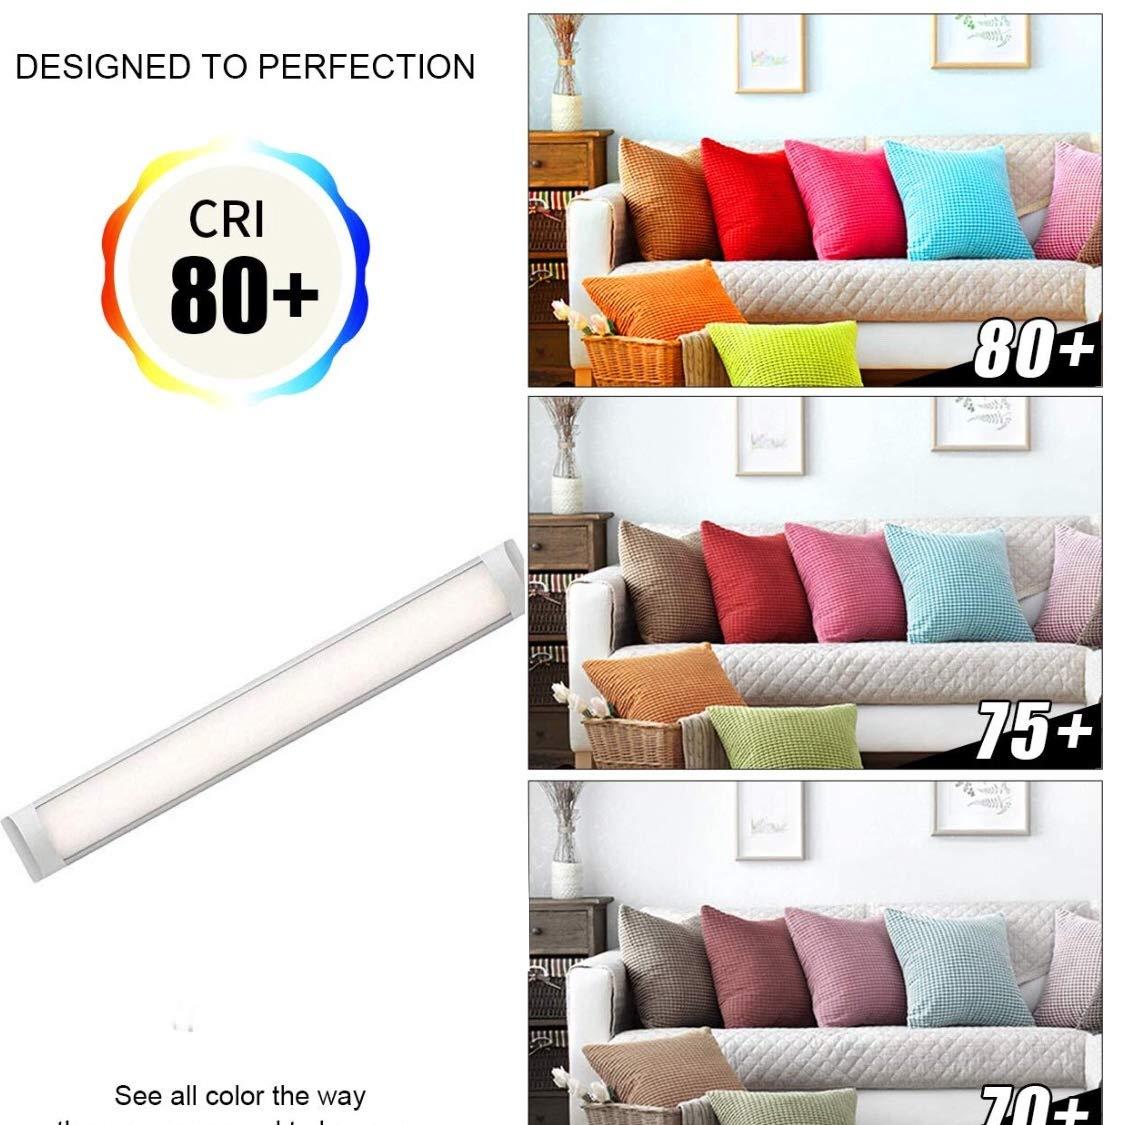 couleur blanc froid 120cm /étanche /à la poussi/ère /équivalent /à 2 tubes T8 fluorescents ou /à 3 300 lumens r/éels! LA 36w 6500K Bo/îtier de l/écran Tube LED int/égr/é T10